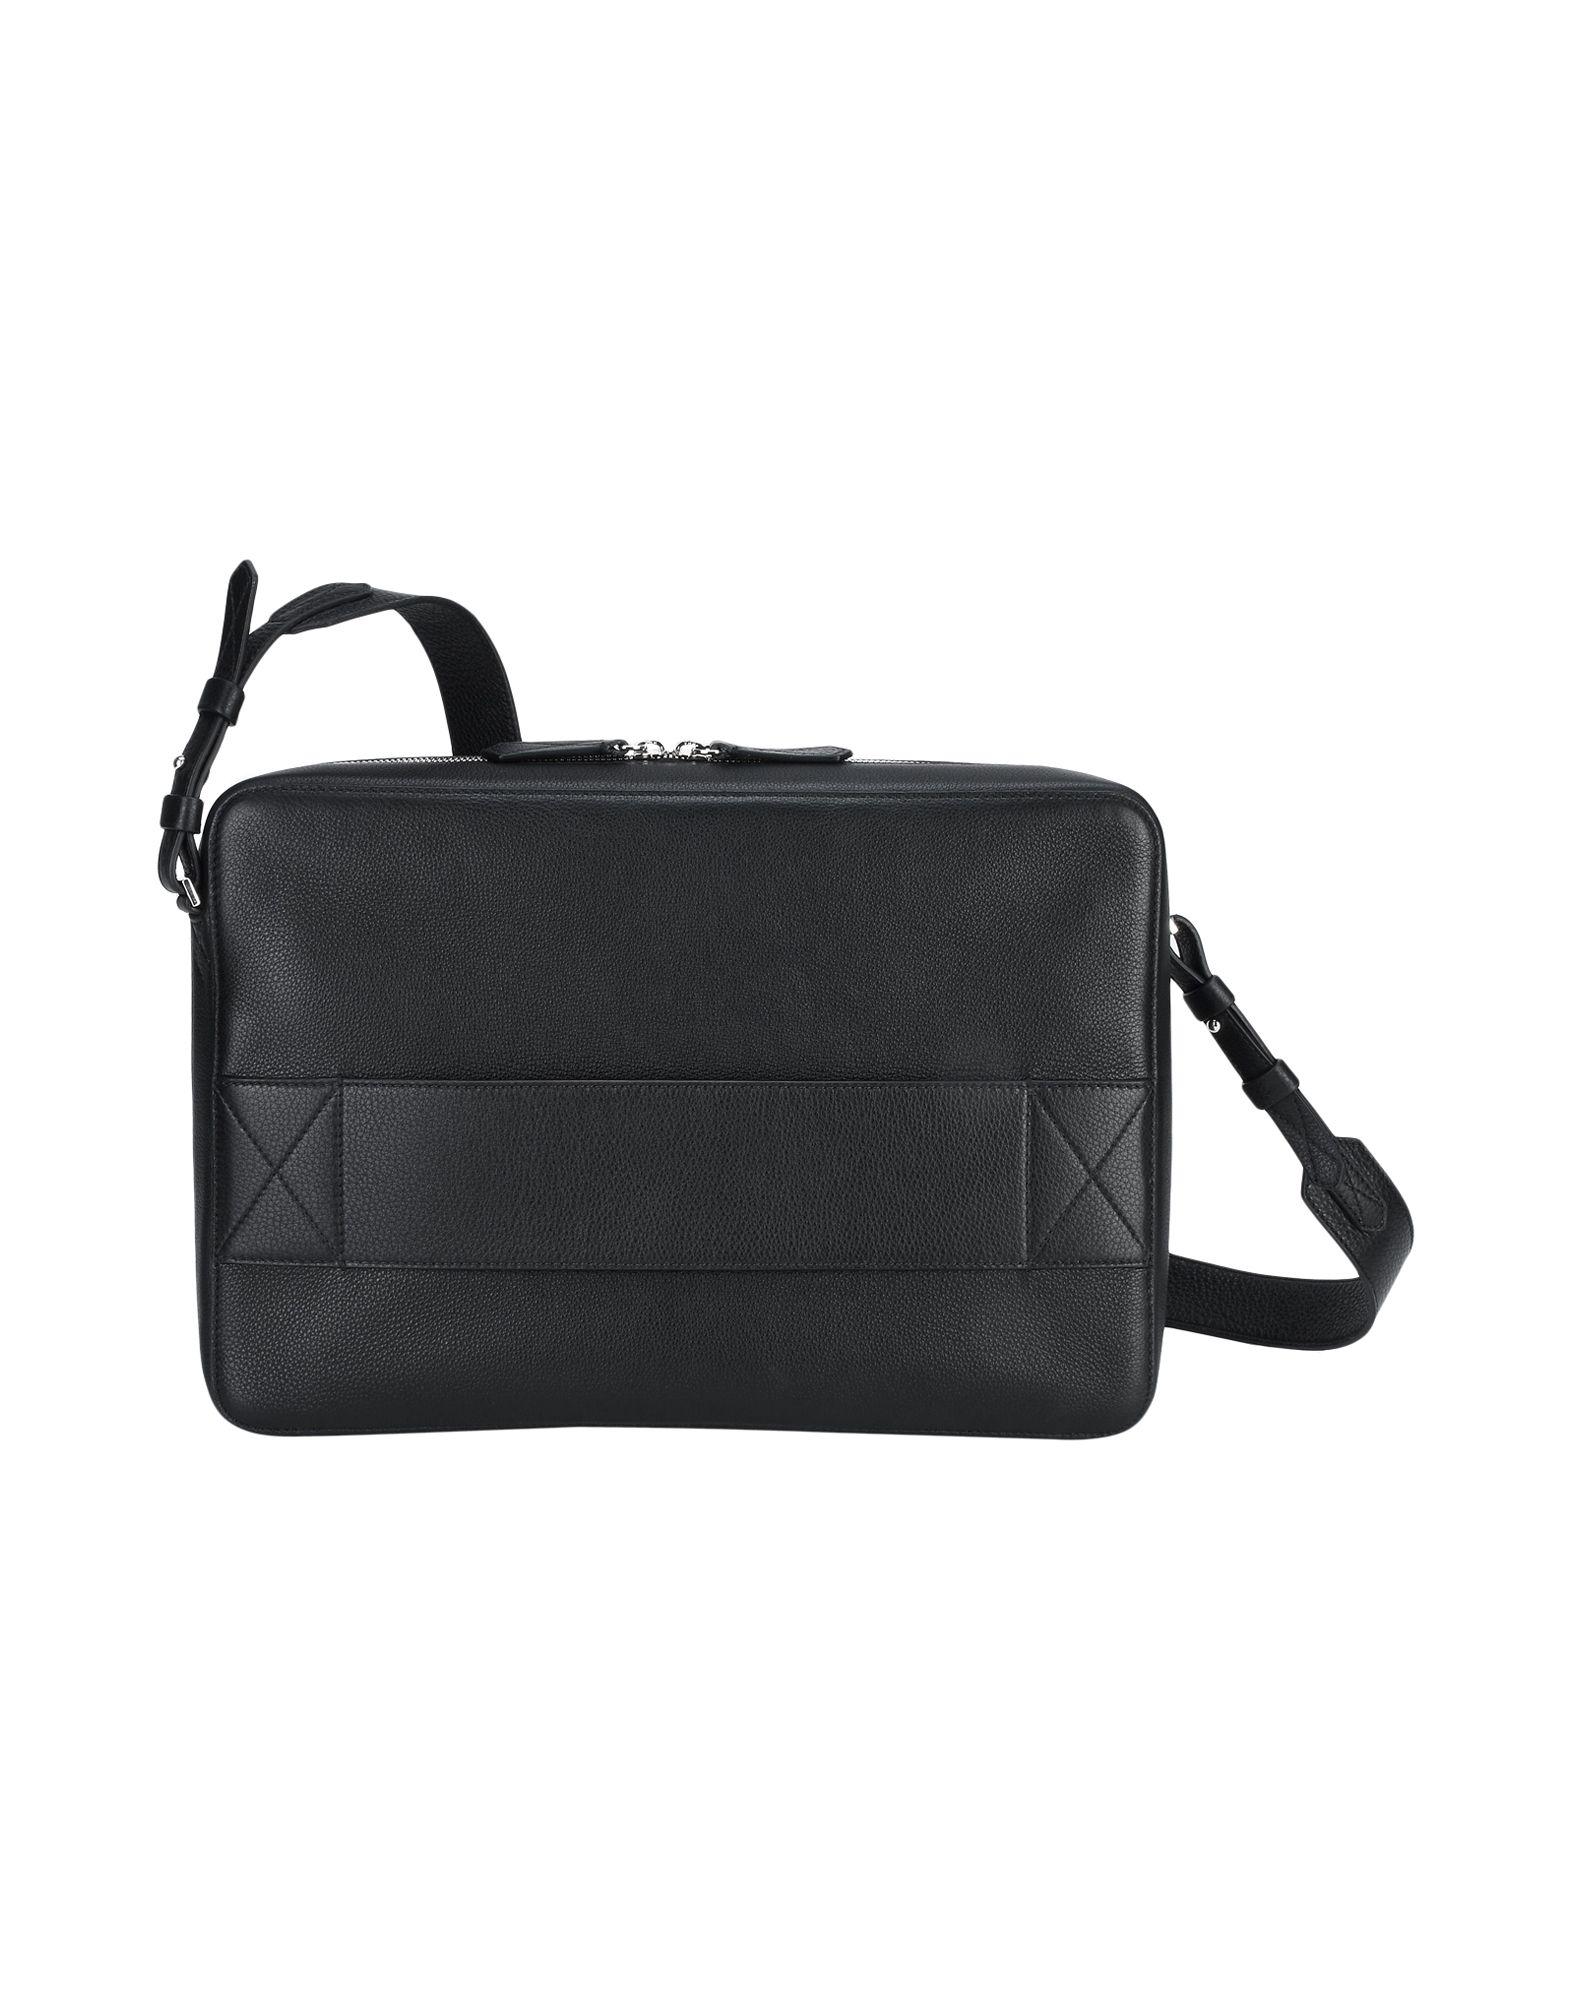 Borsa Da Lavoro Lancel Signature Grained Leather - Uomo - Acquista online su